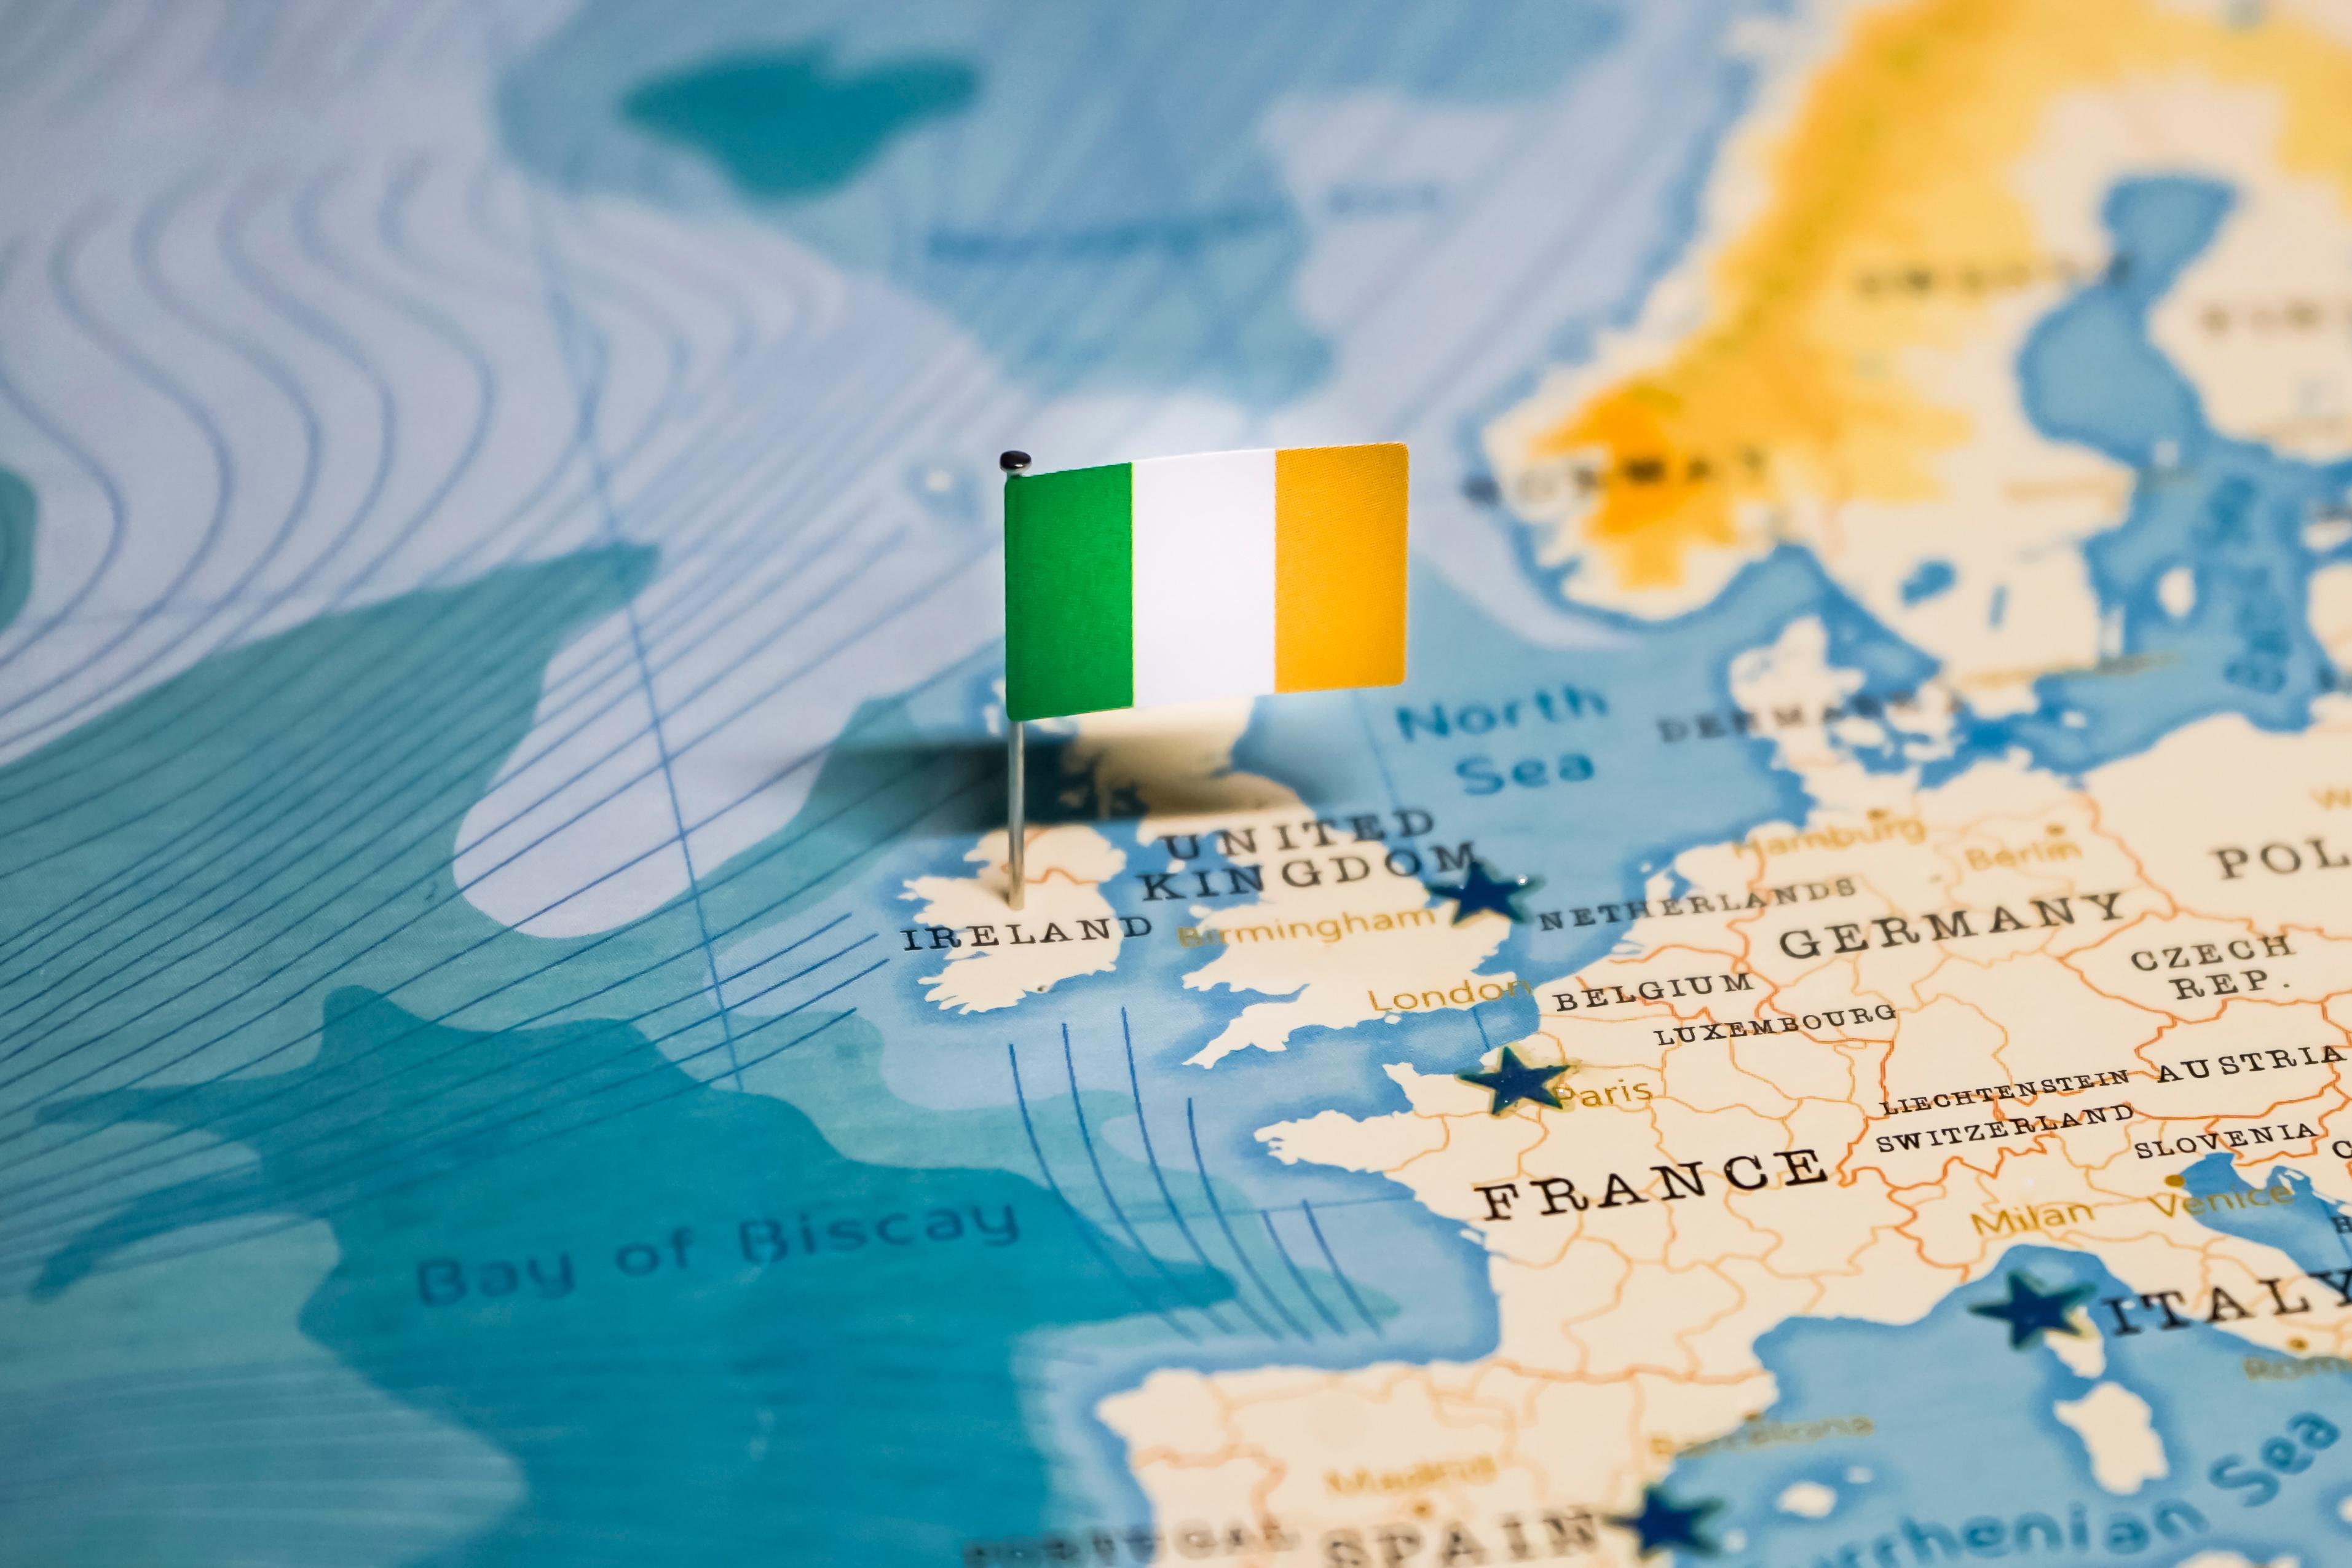 Флаг Ирландии, ВНЖ которой могут получить мигранты из России, Беларуси и Украины